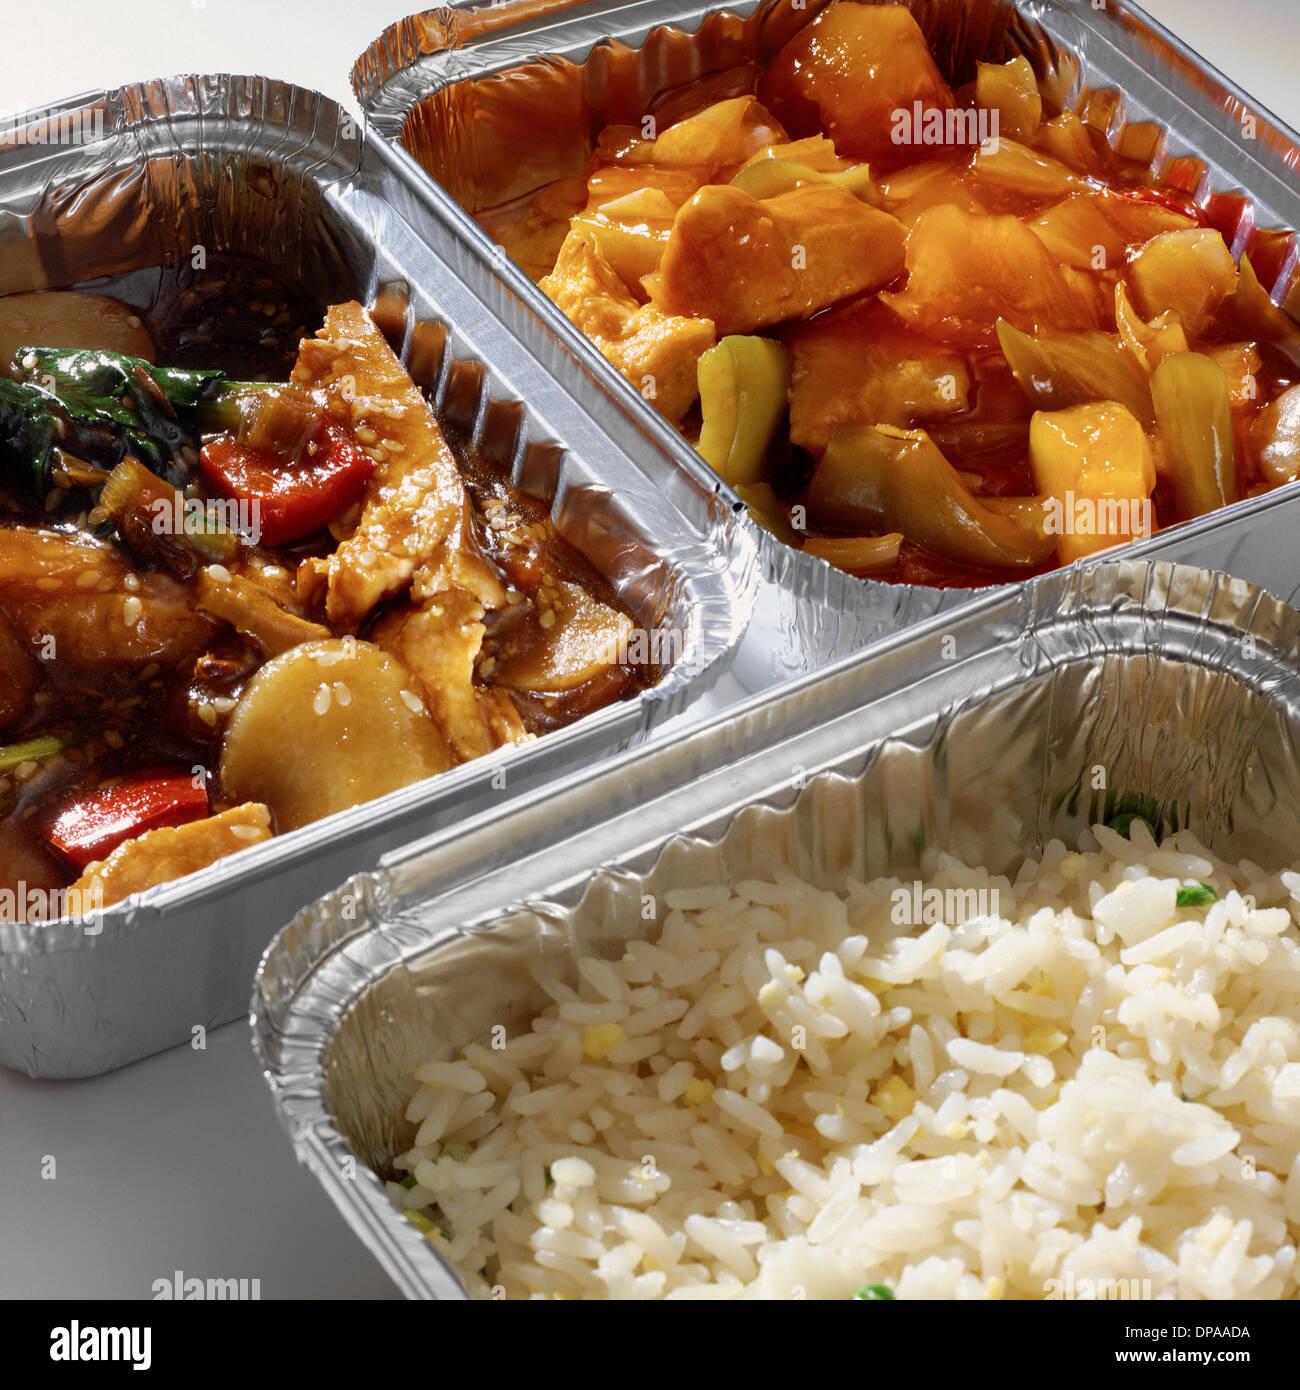 À Emporter, curry et riz en cartons Photo Stock